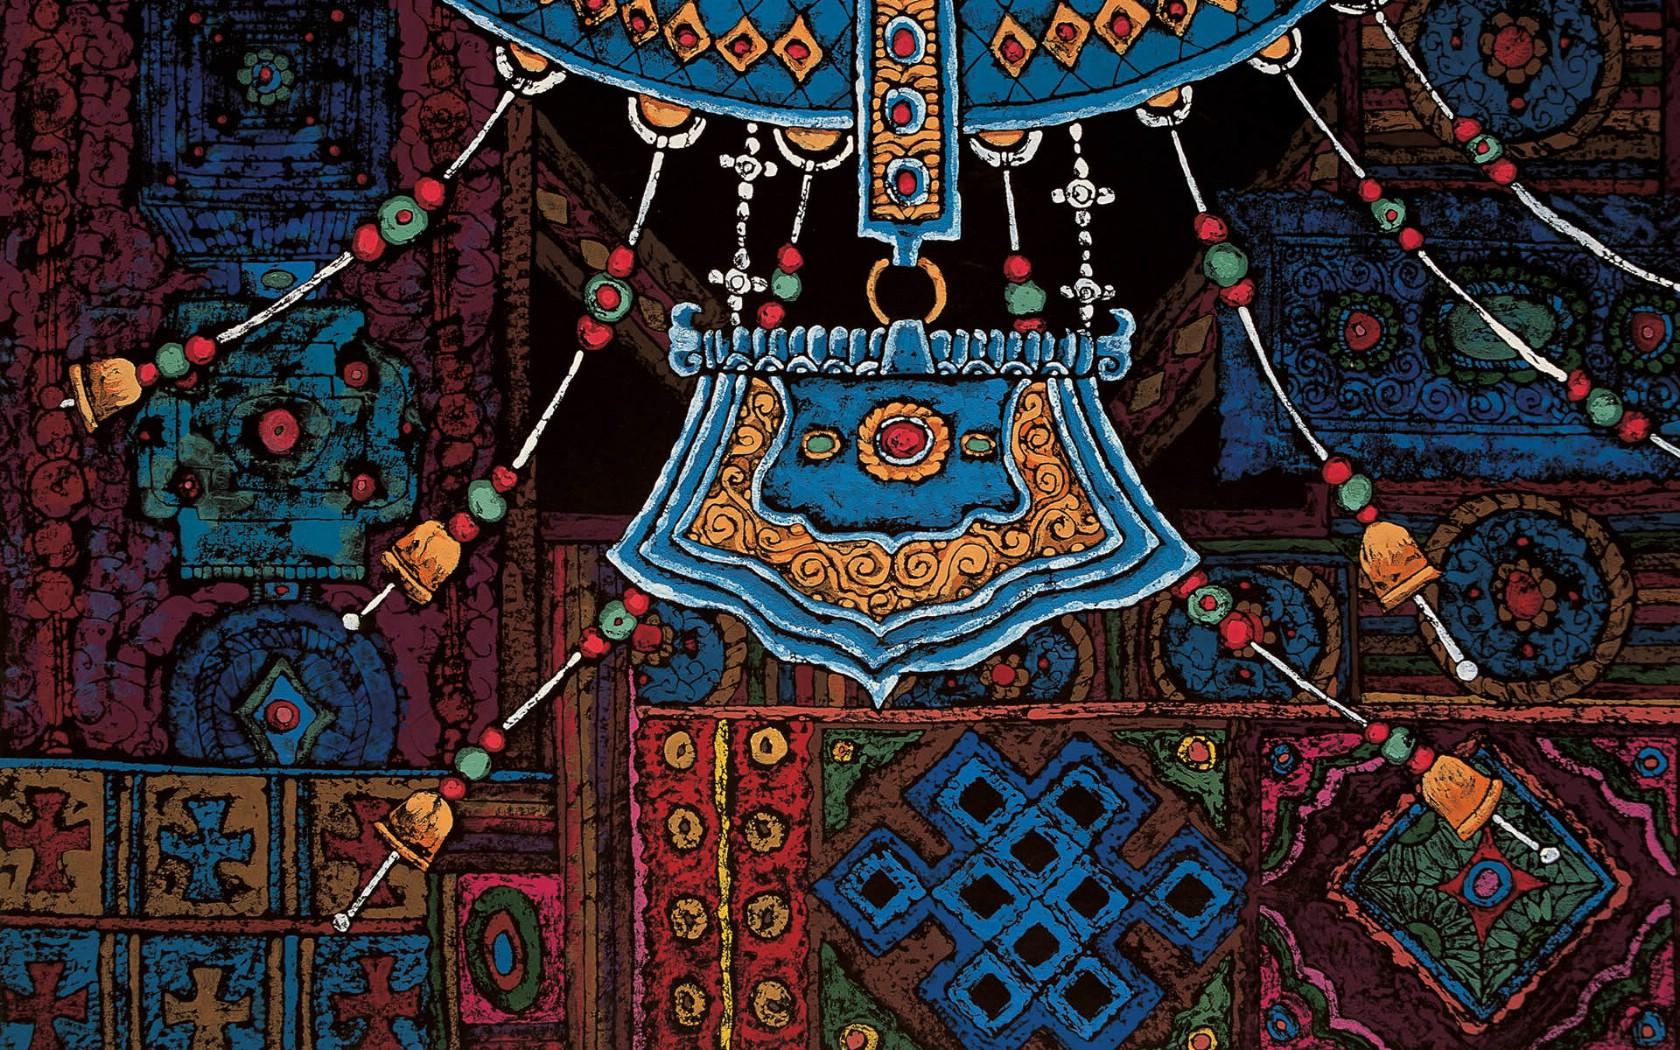 壁纸1680×1050藏族祥巴版画 壁纸23壁纸 藏族祥巴版画壁纸图片绘画壁纸绘画图片素材桌面壁纸